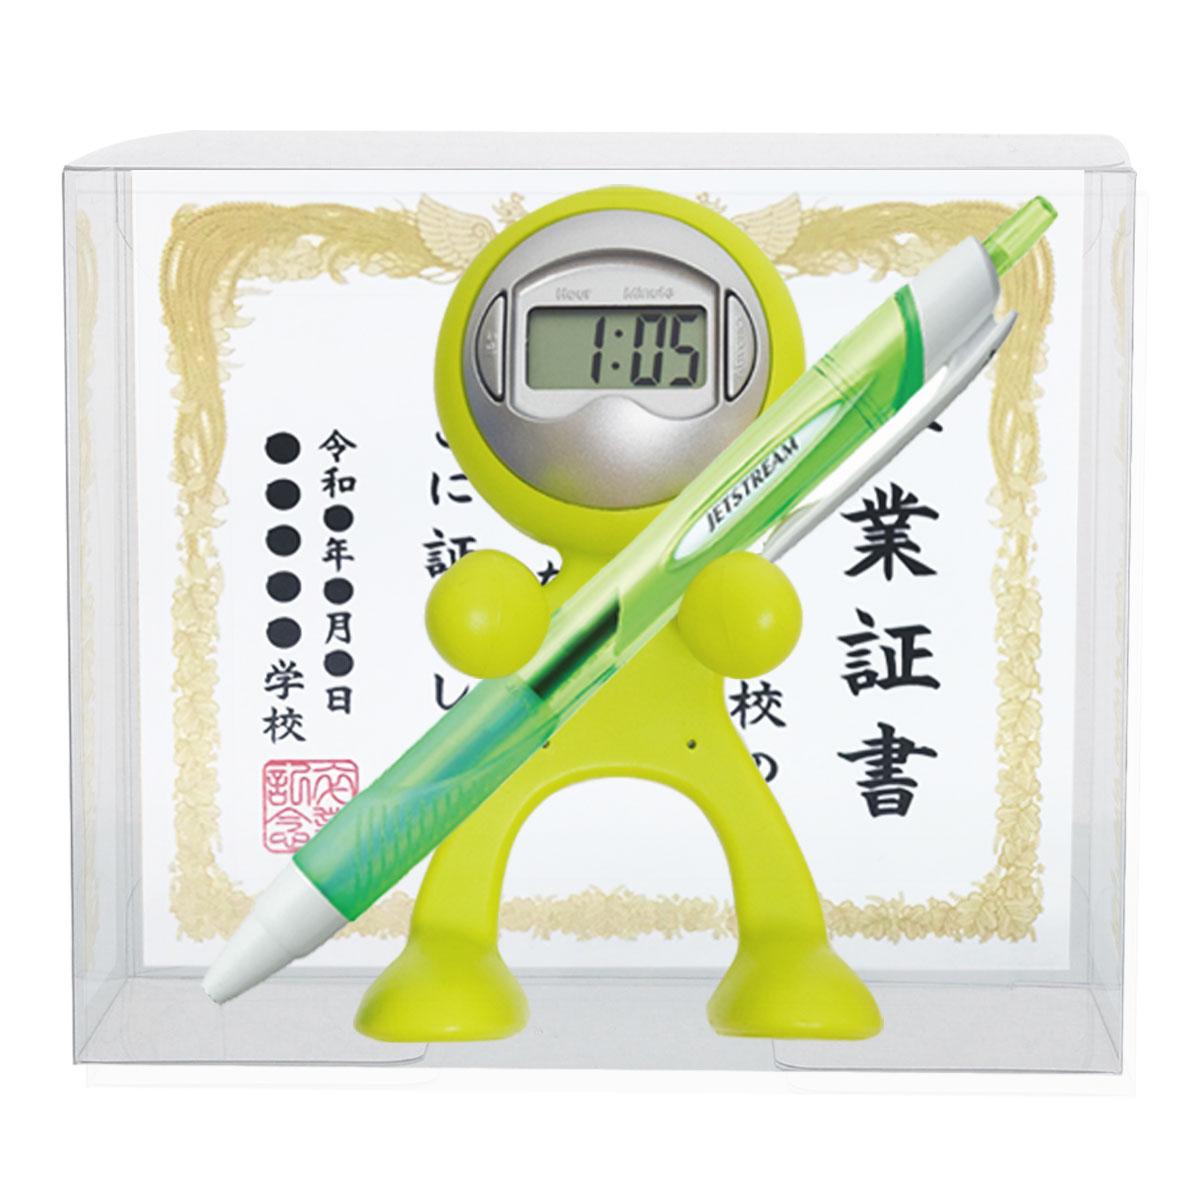 【卒業記念品台紙】クロックレンジャー 三菱鉛筆 ジェットストリームボールペン セット